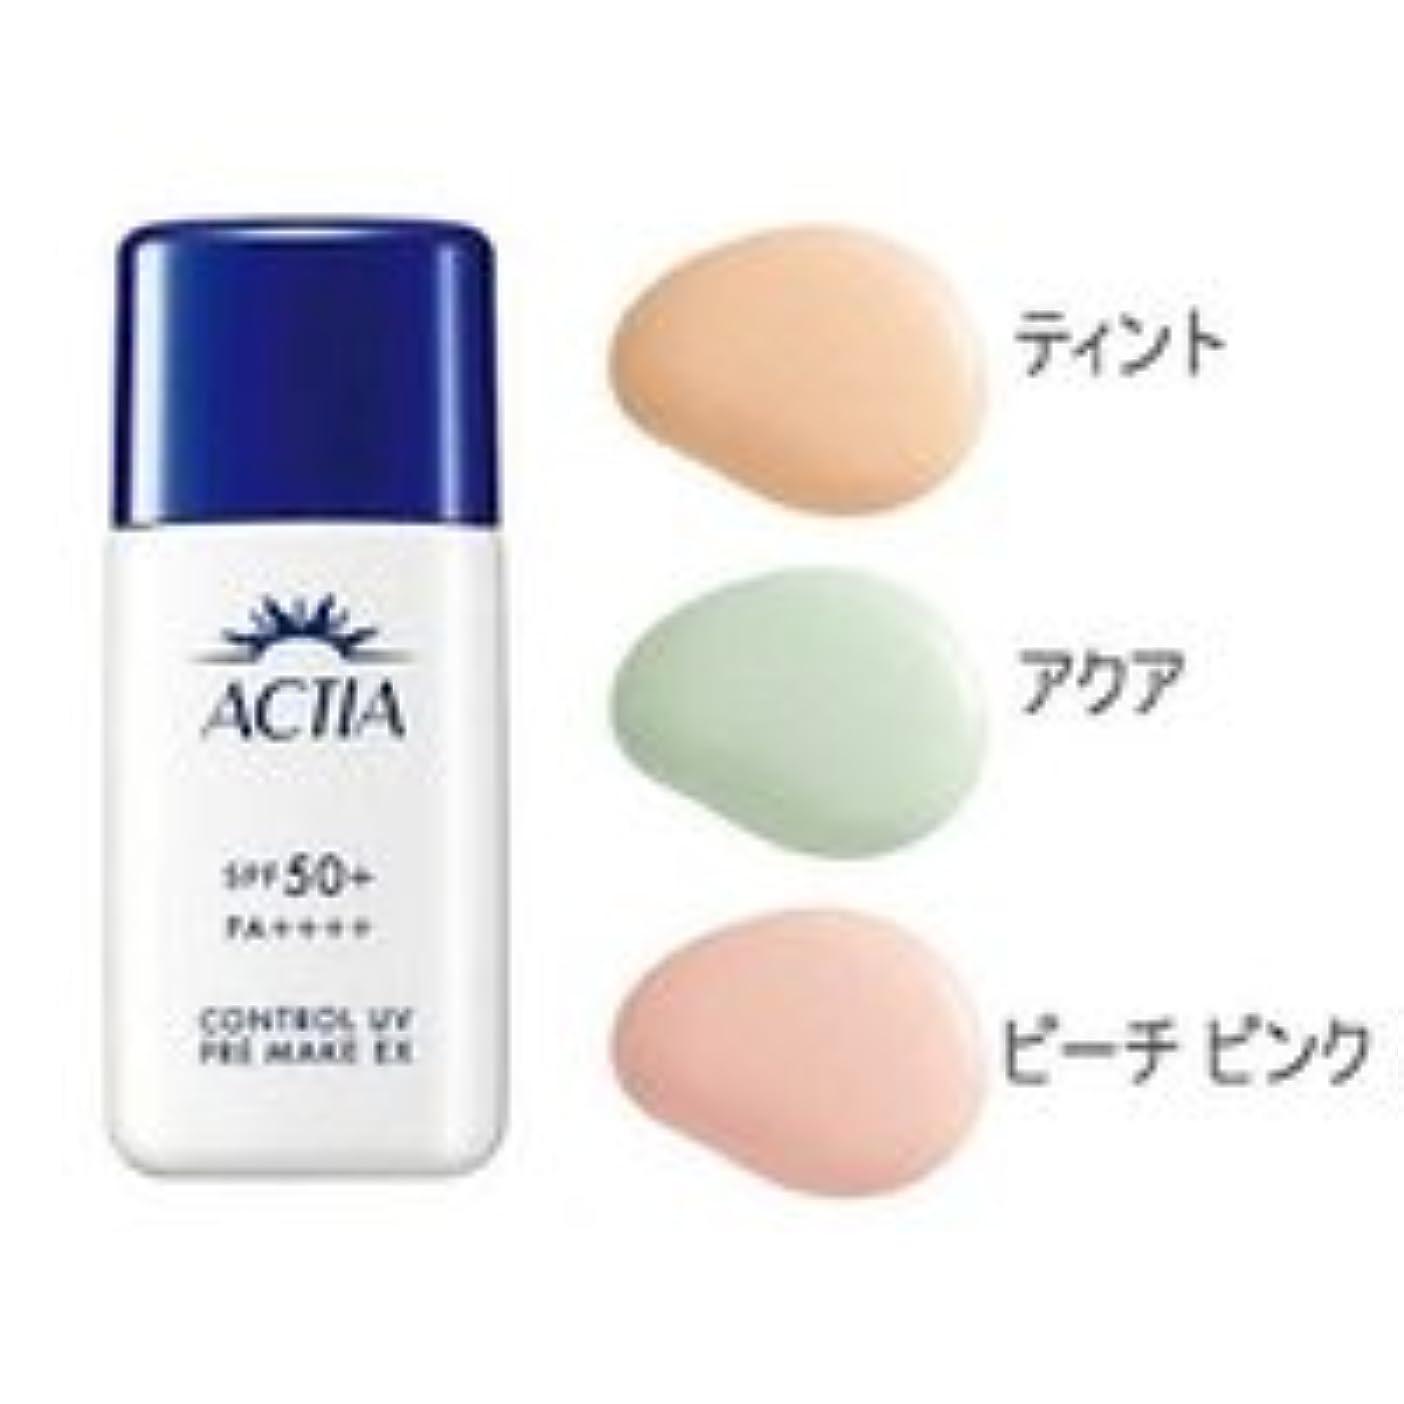 トマトしおれた食欲エイボン (AVON) アクティア コントロール UV プレメイク EX 30ml (アクア)